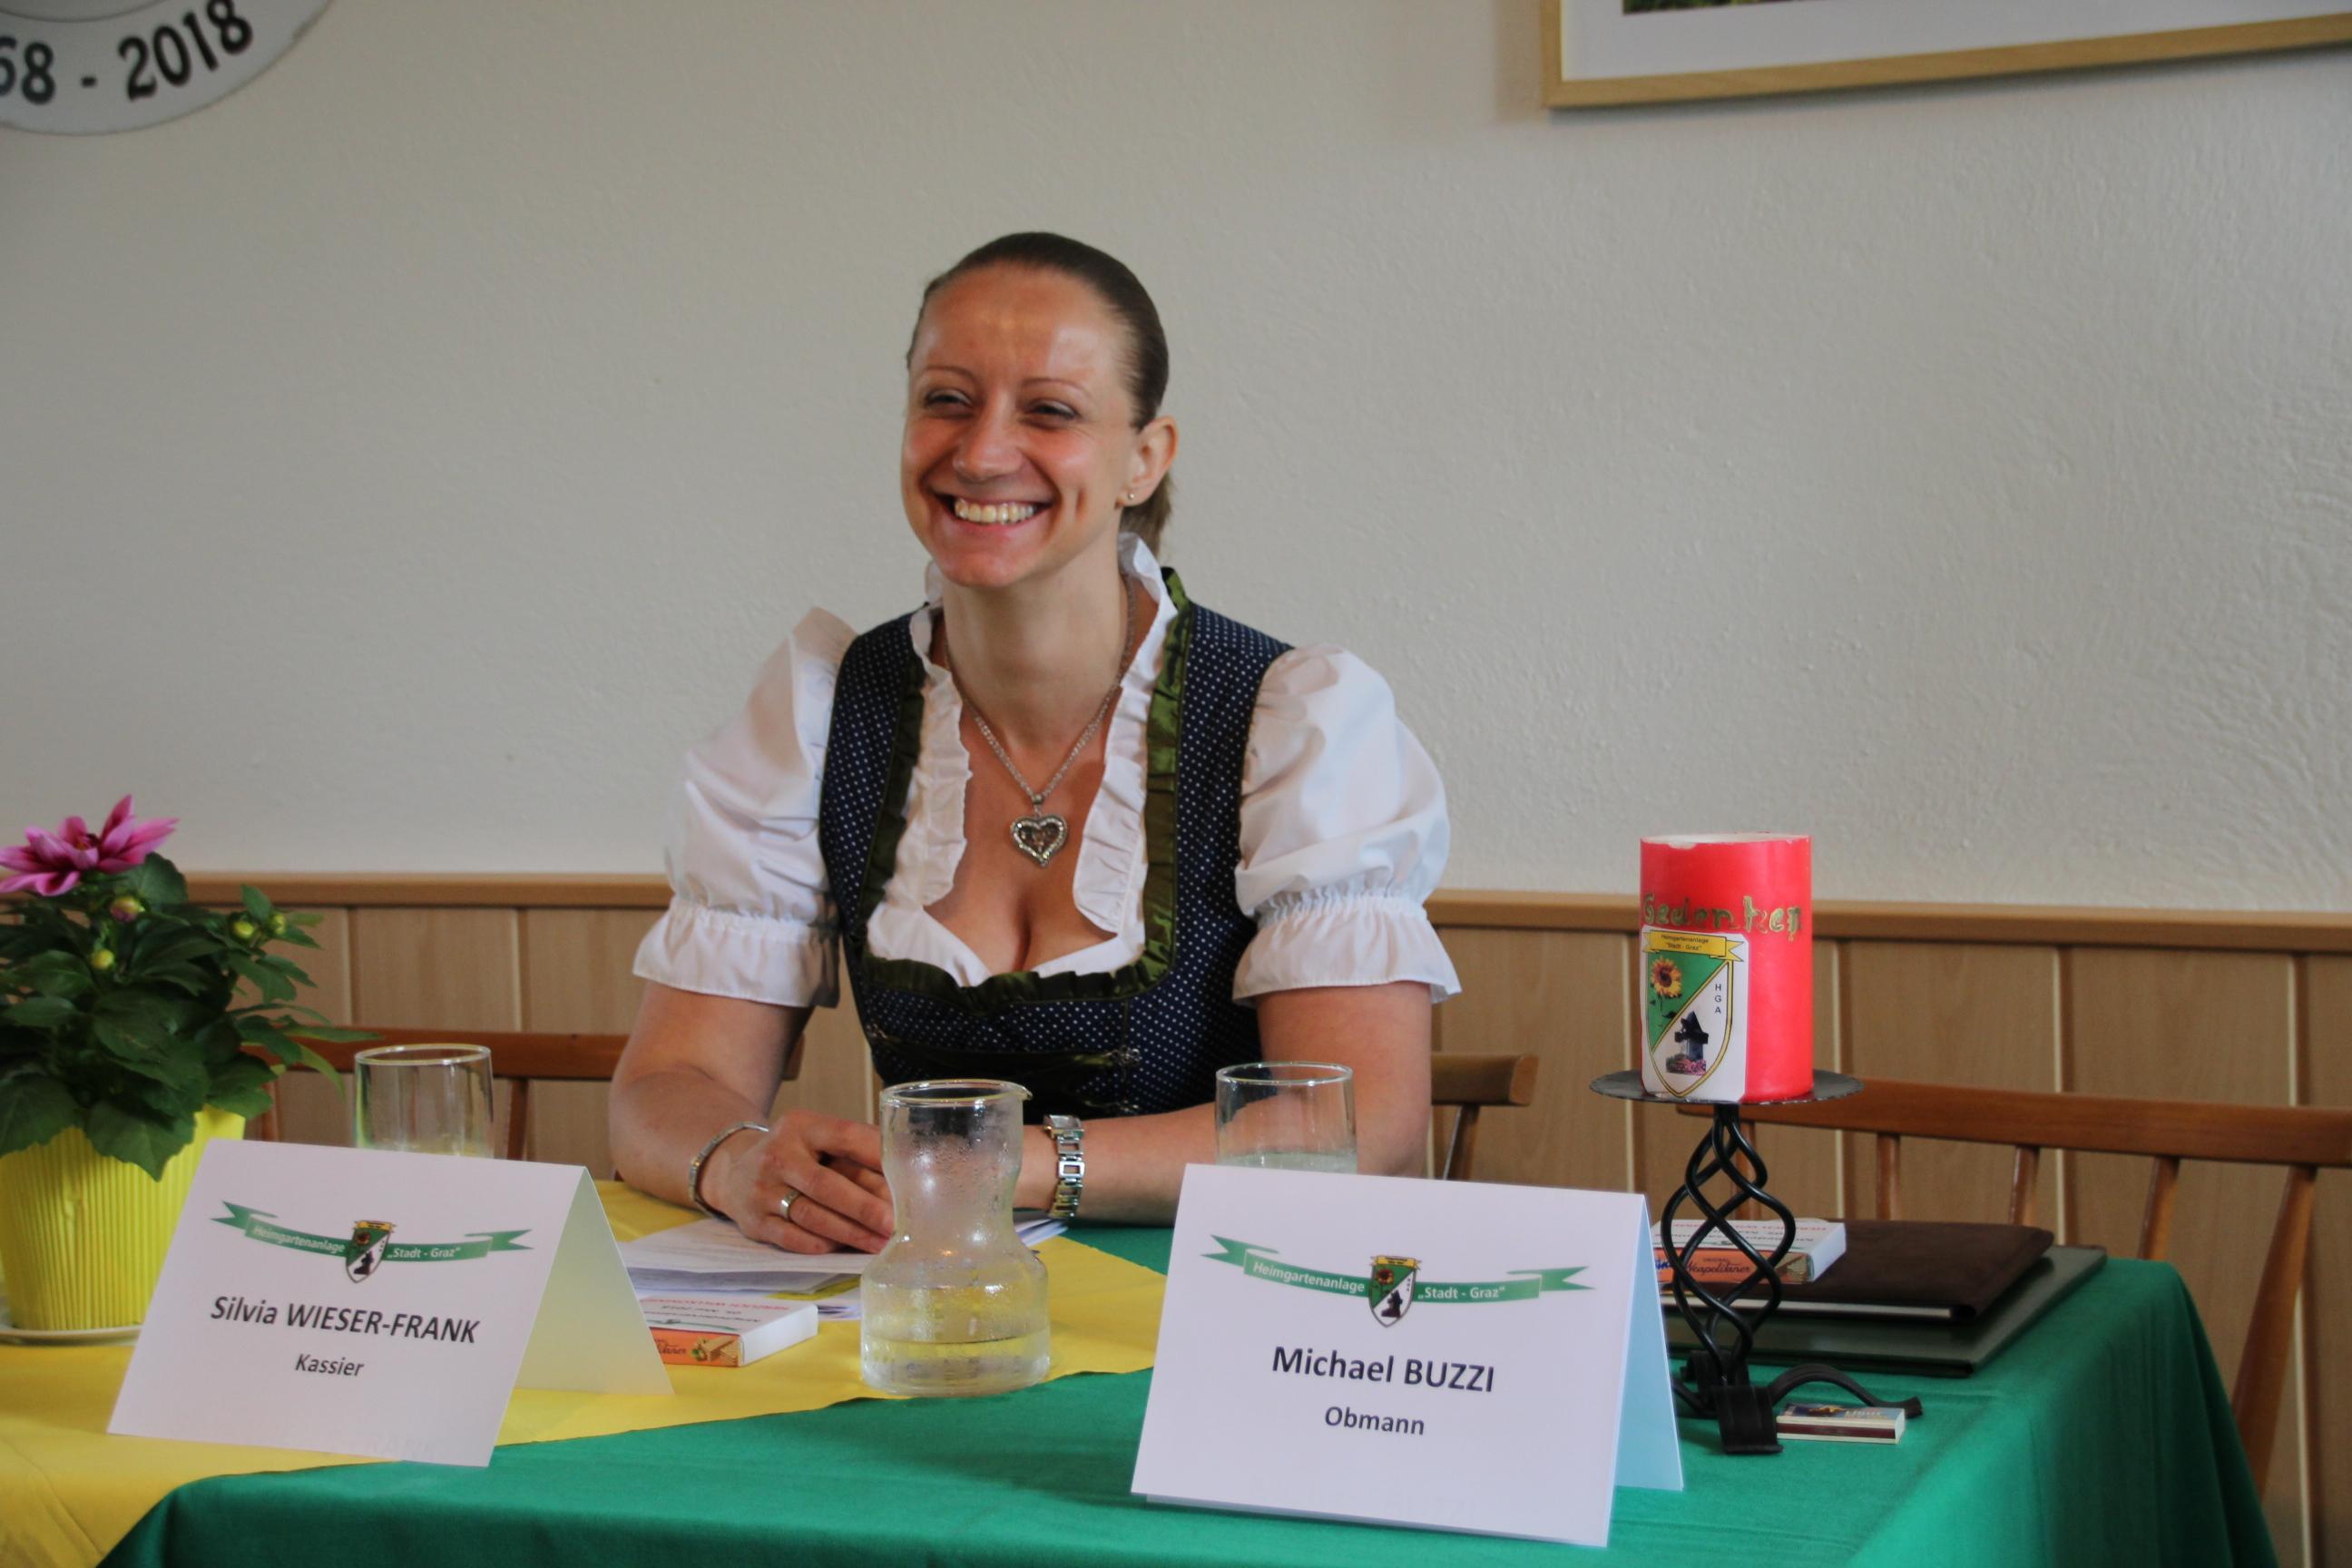 Kassier Silvia Wieser-Frank